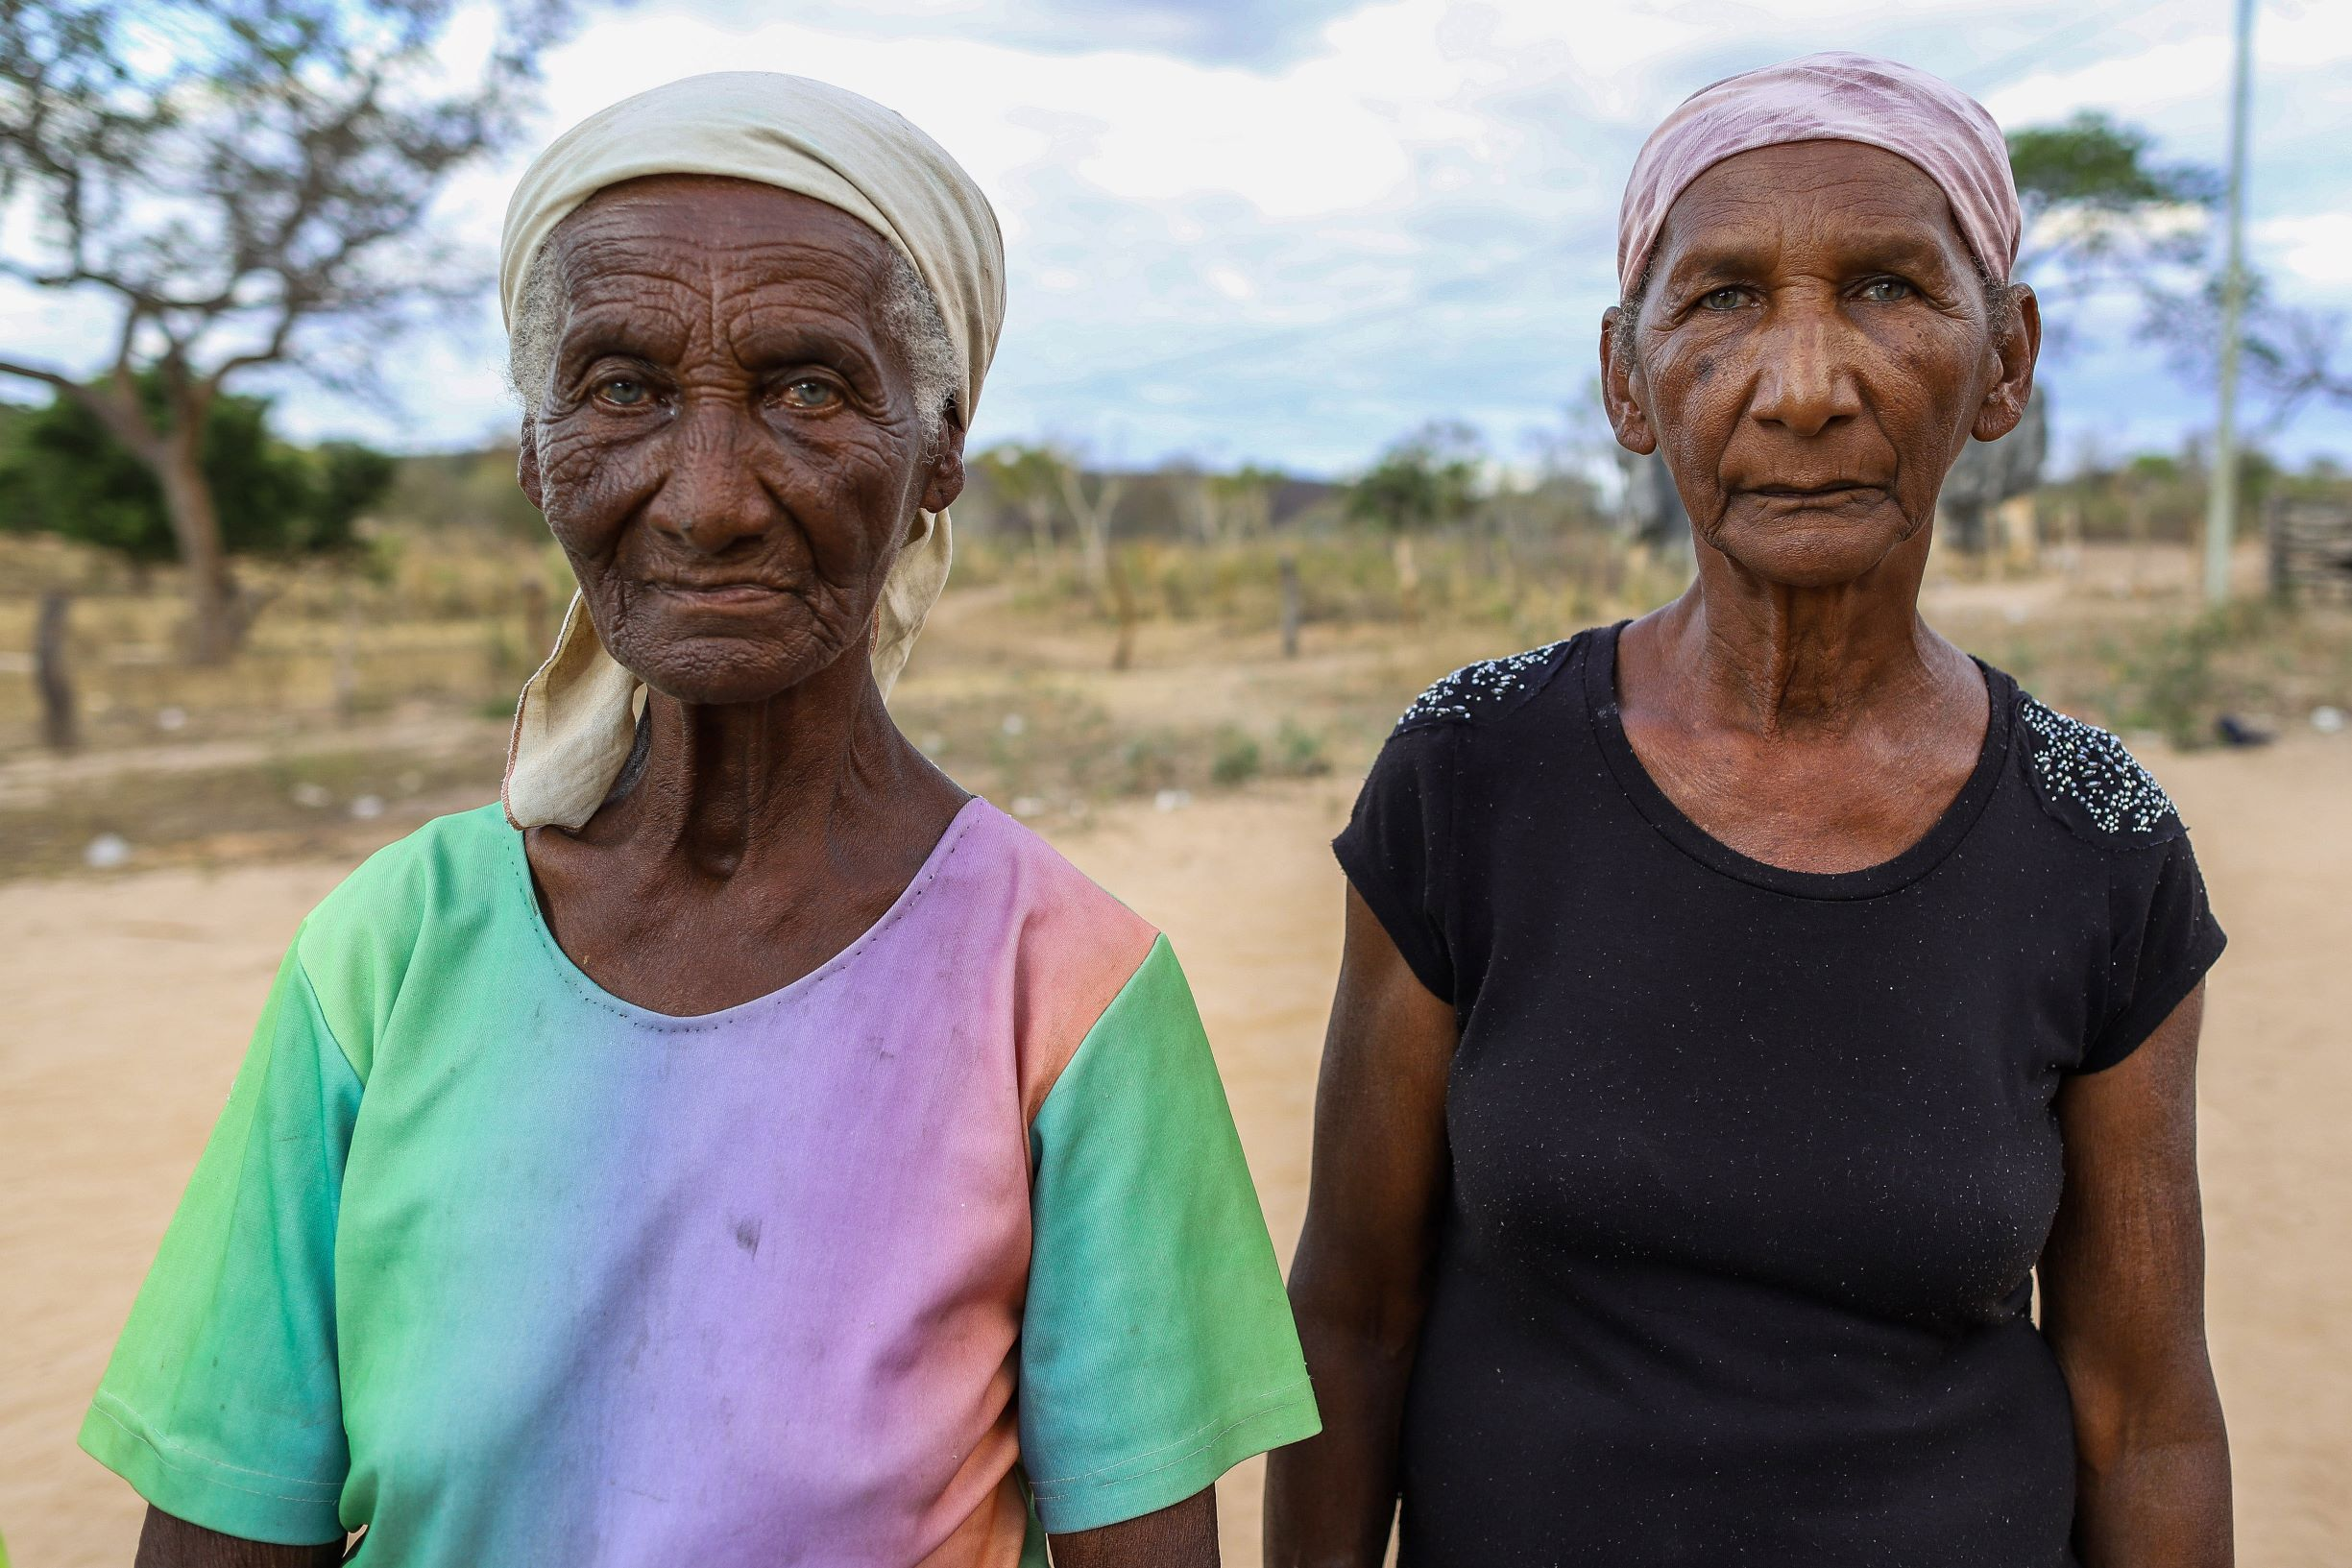 """Heloísa Ferreira (direita), 67 anos, ao lado da irmã, Sebastiana, de 86: """"A seca e o modo de viver mudaram muito"""" (Foto: Flávio Tavares)"""